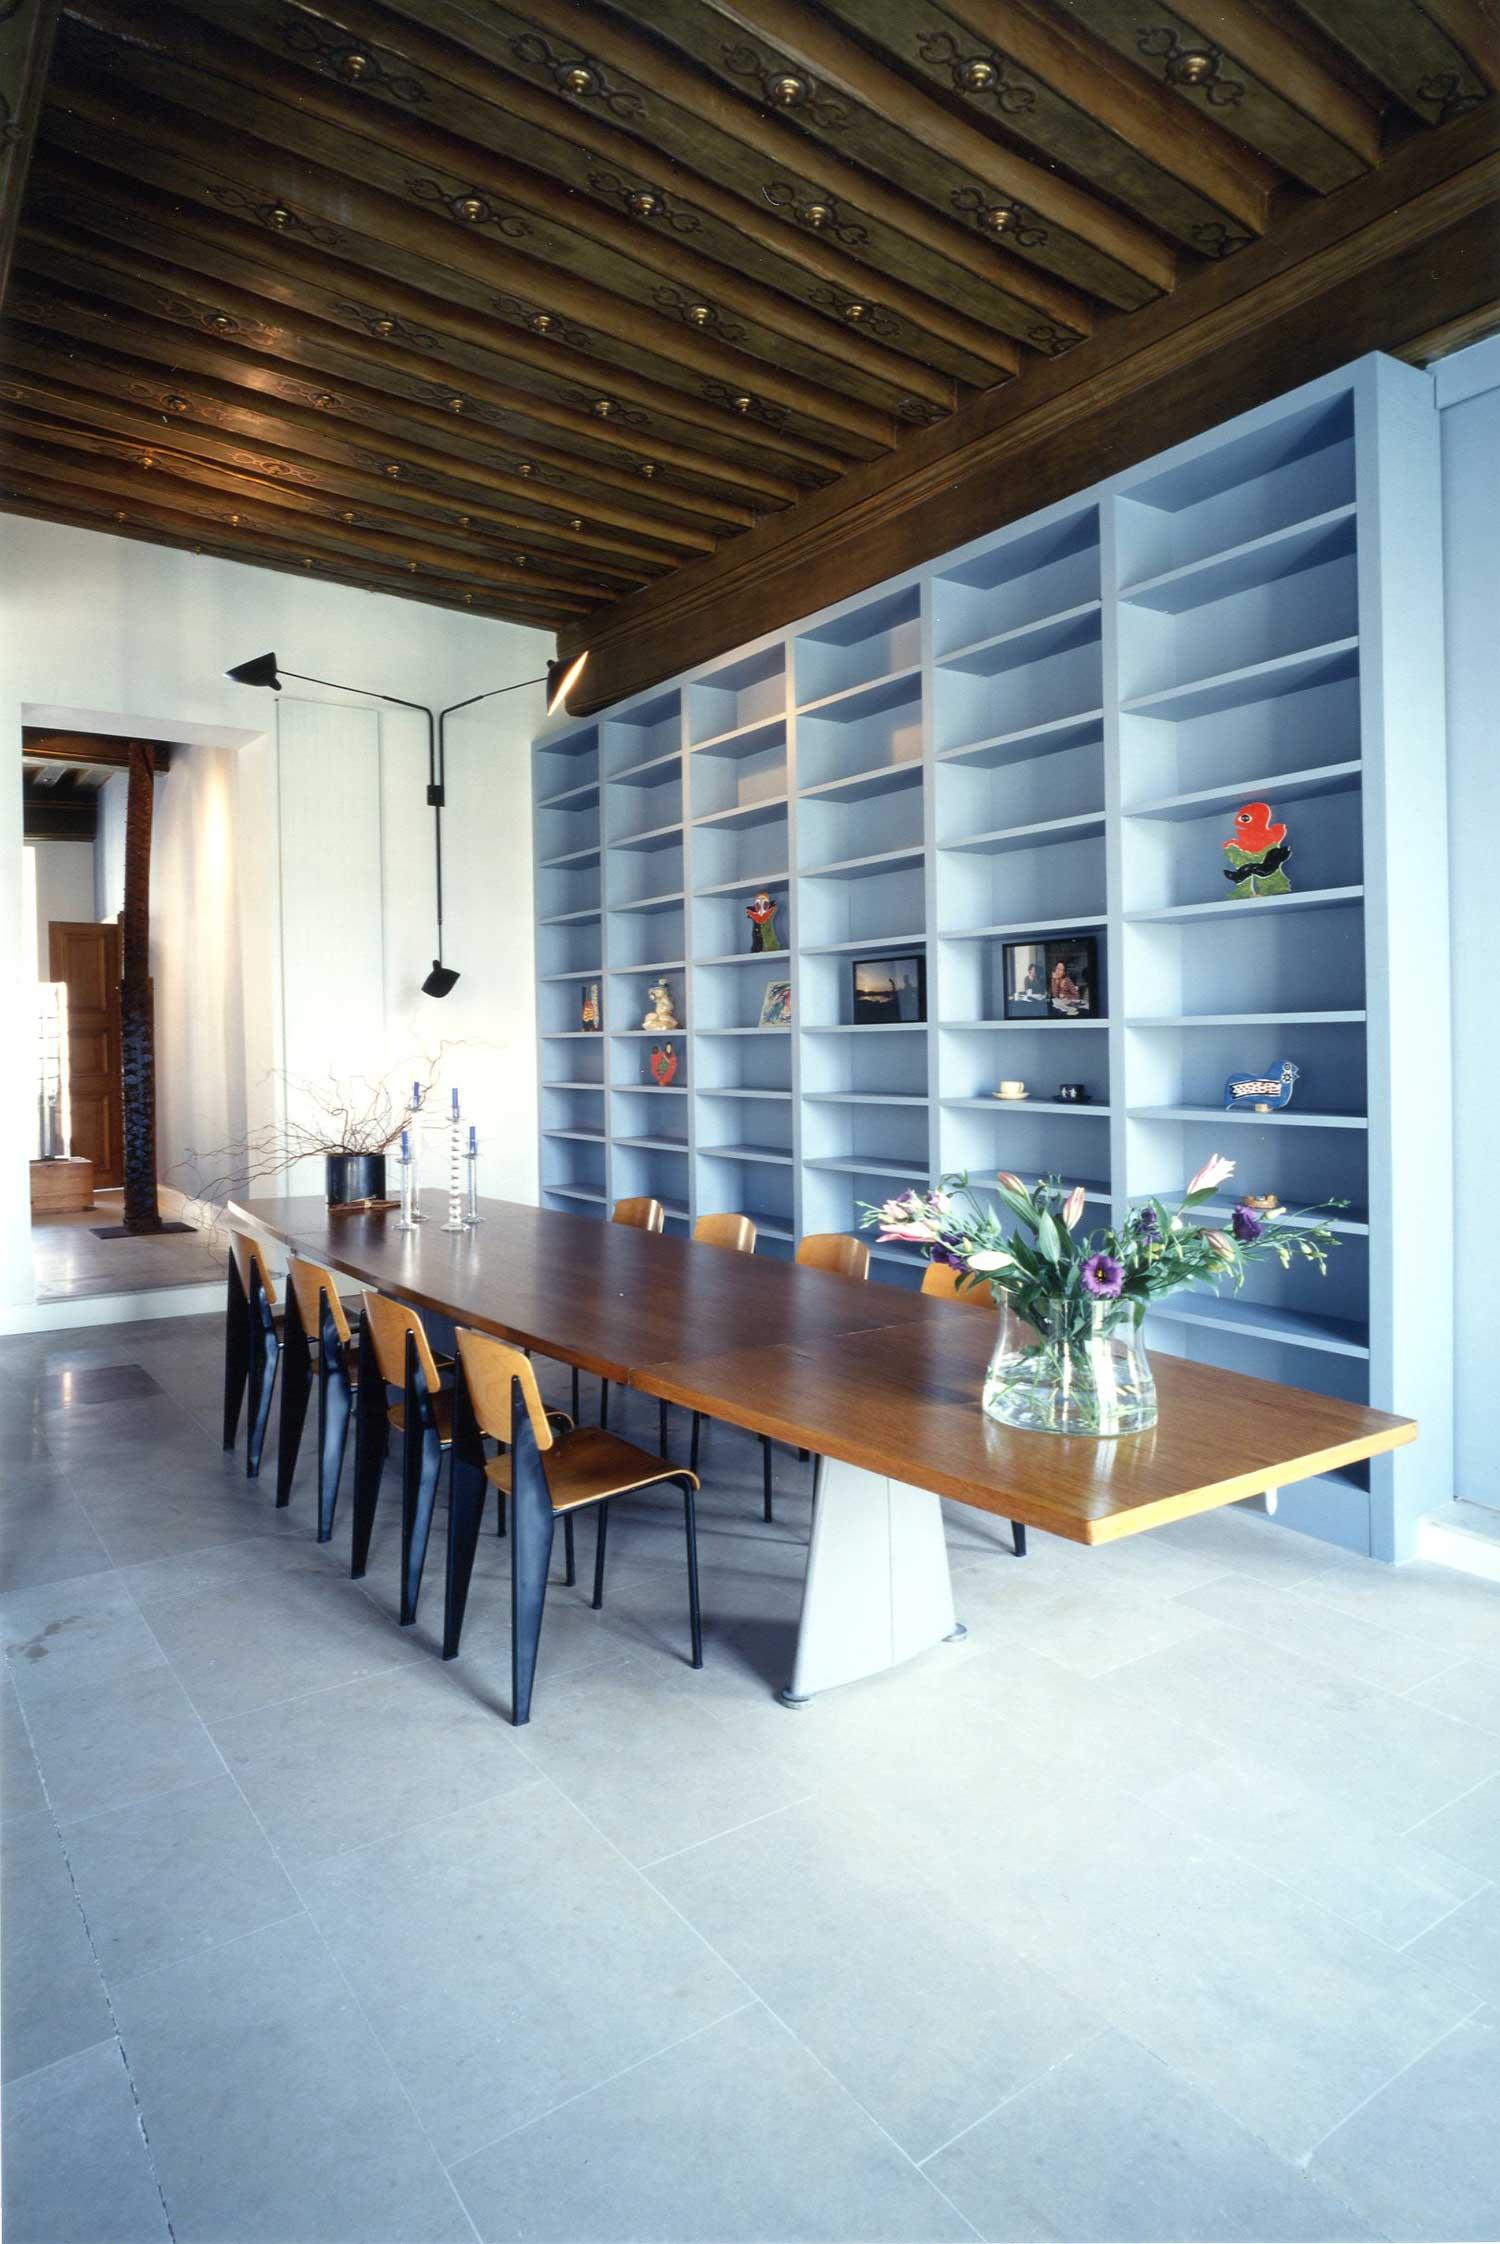 Where Architects Live - Massimiliano & Doriana Fuksas   Yellowtrace